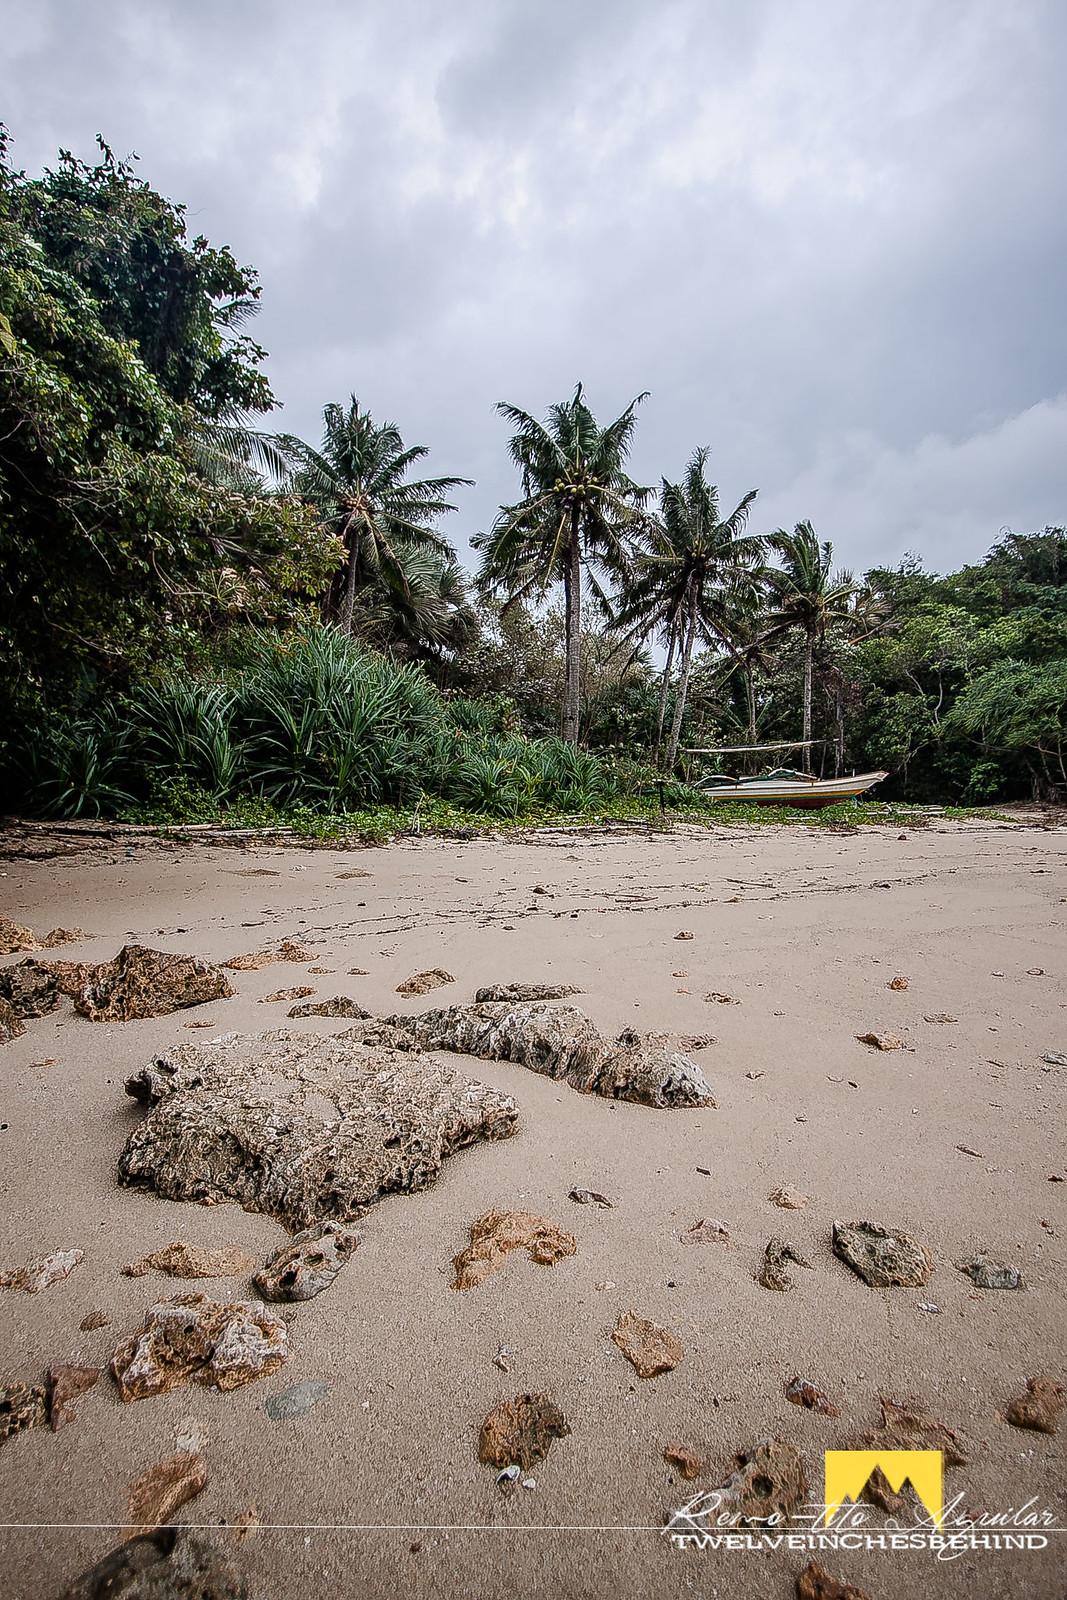 TAKLONG ISLANDS, GUIMARAS